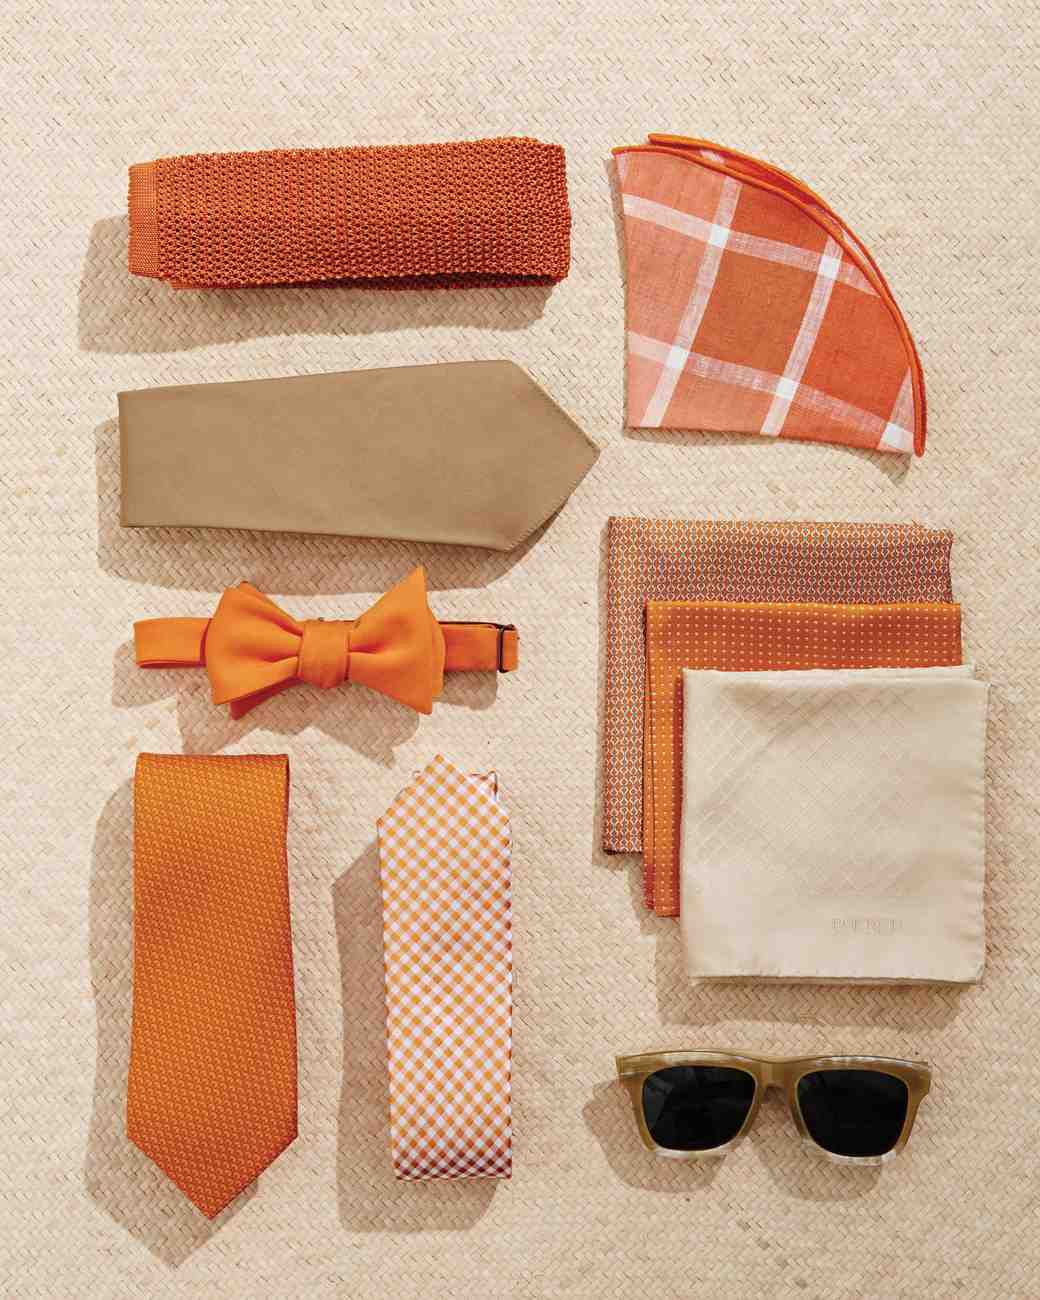 Orange and White Men's Accessories